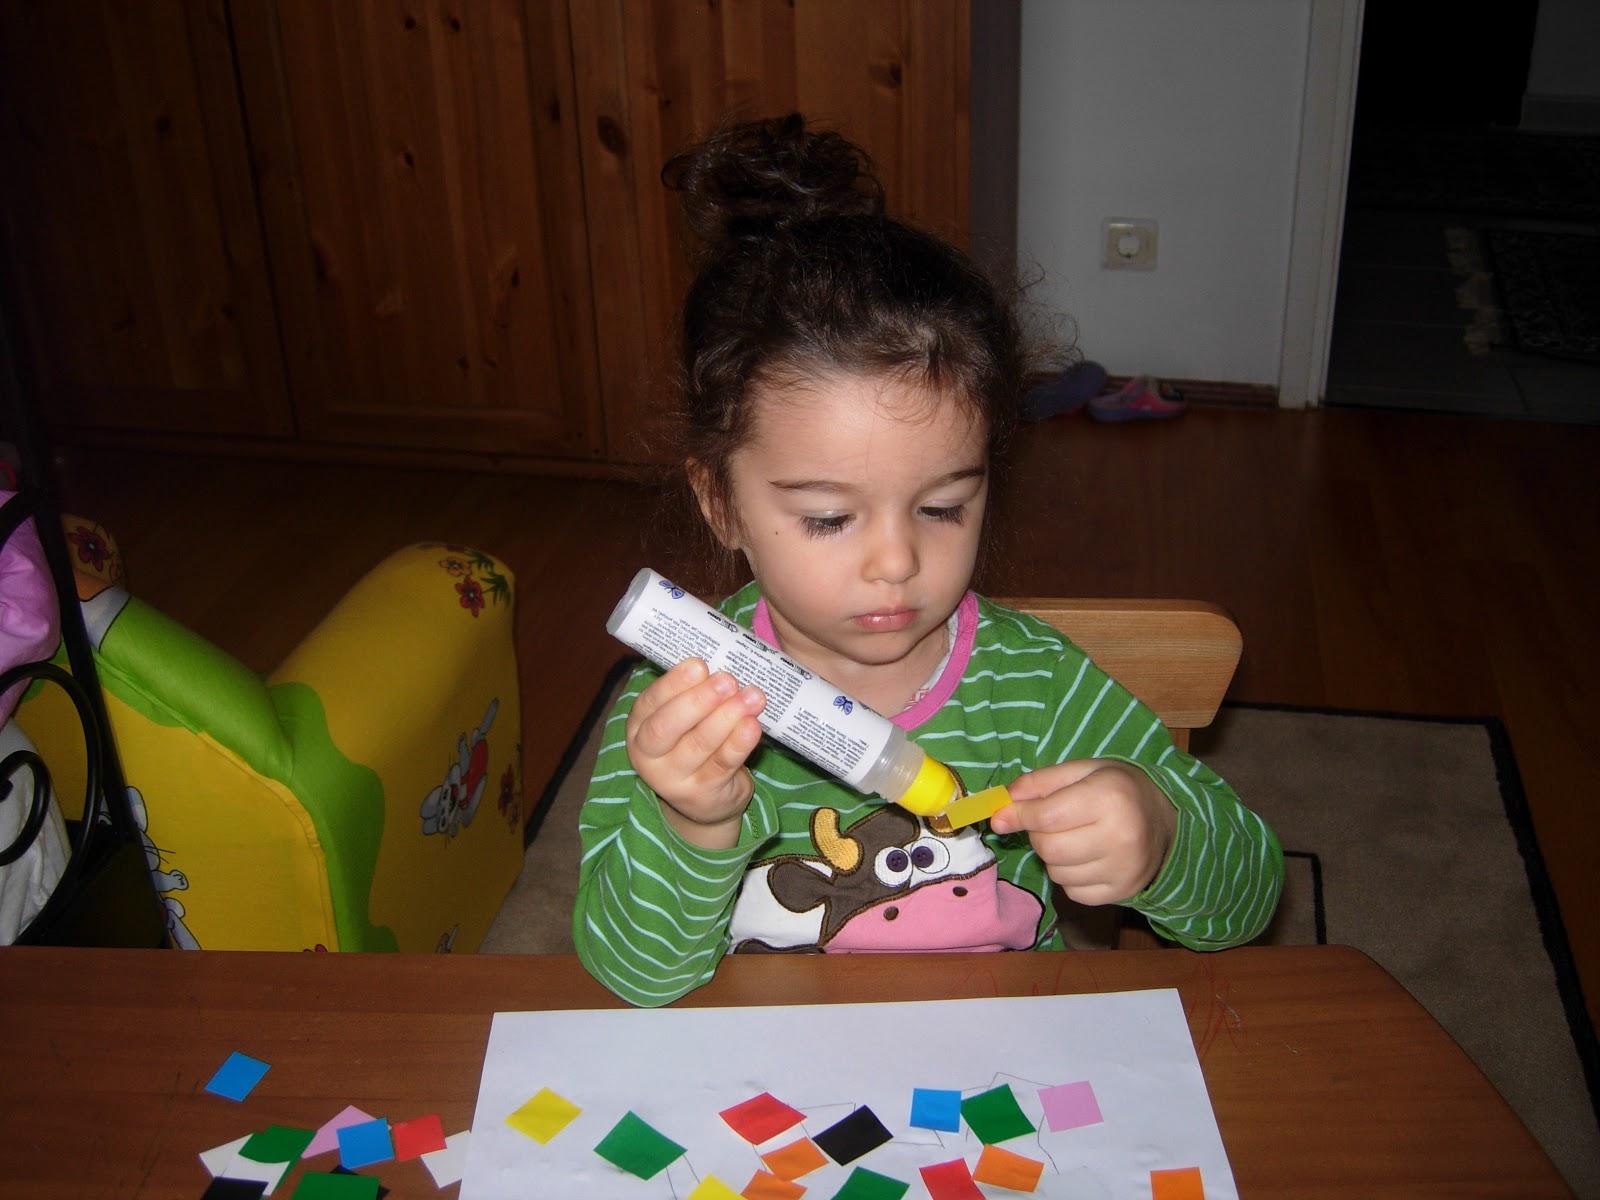 UHU'dan çocuk dostu ürünler